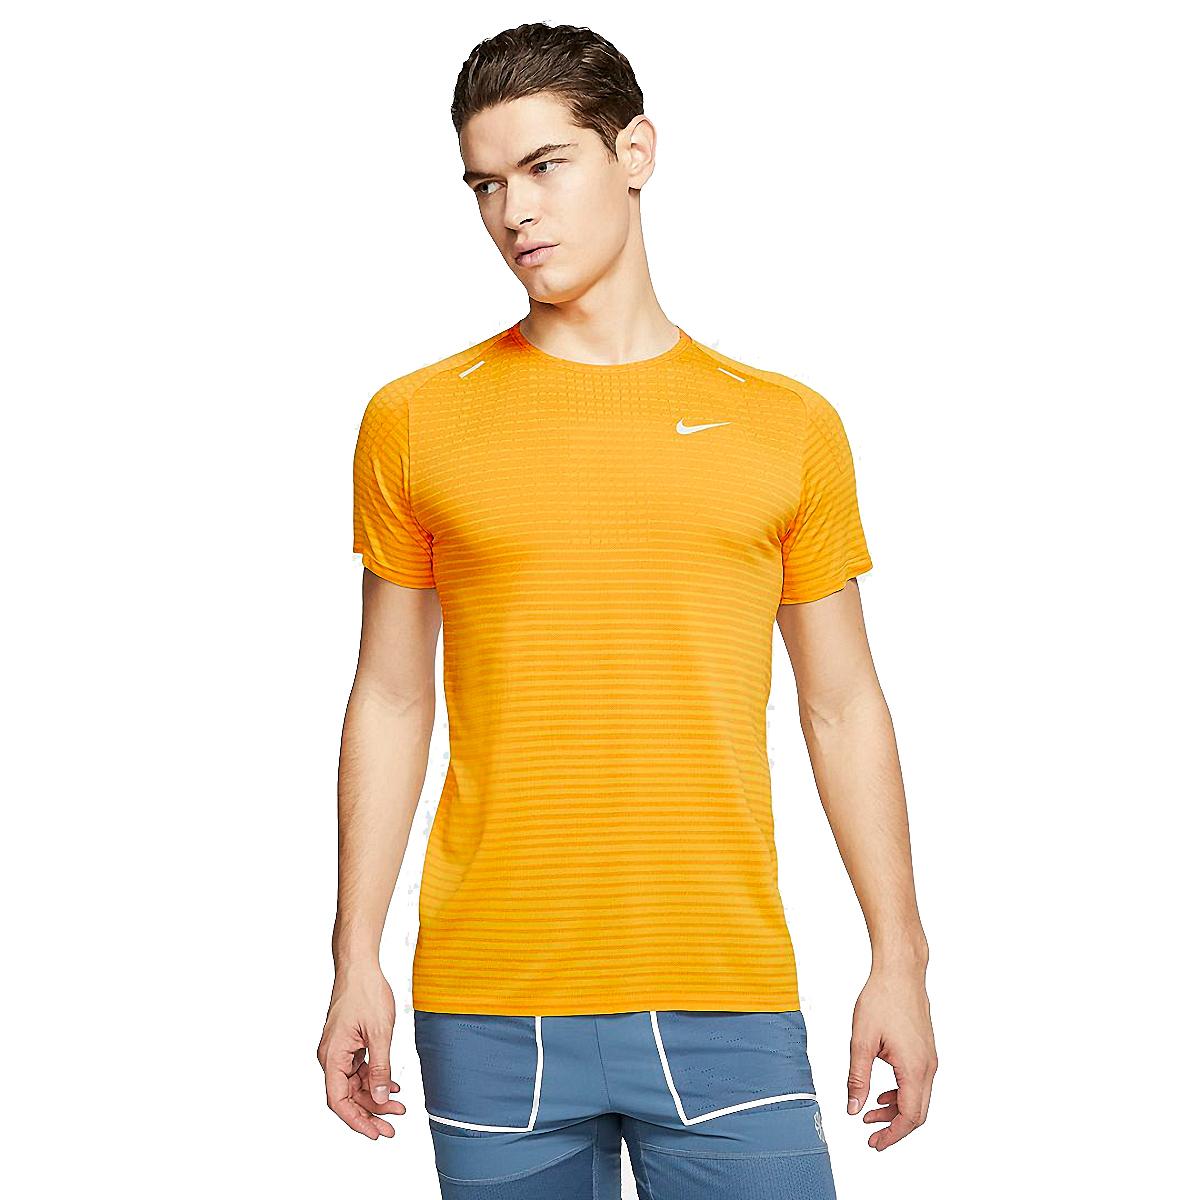 man wearing a yellow nike short sleeve shirt